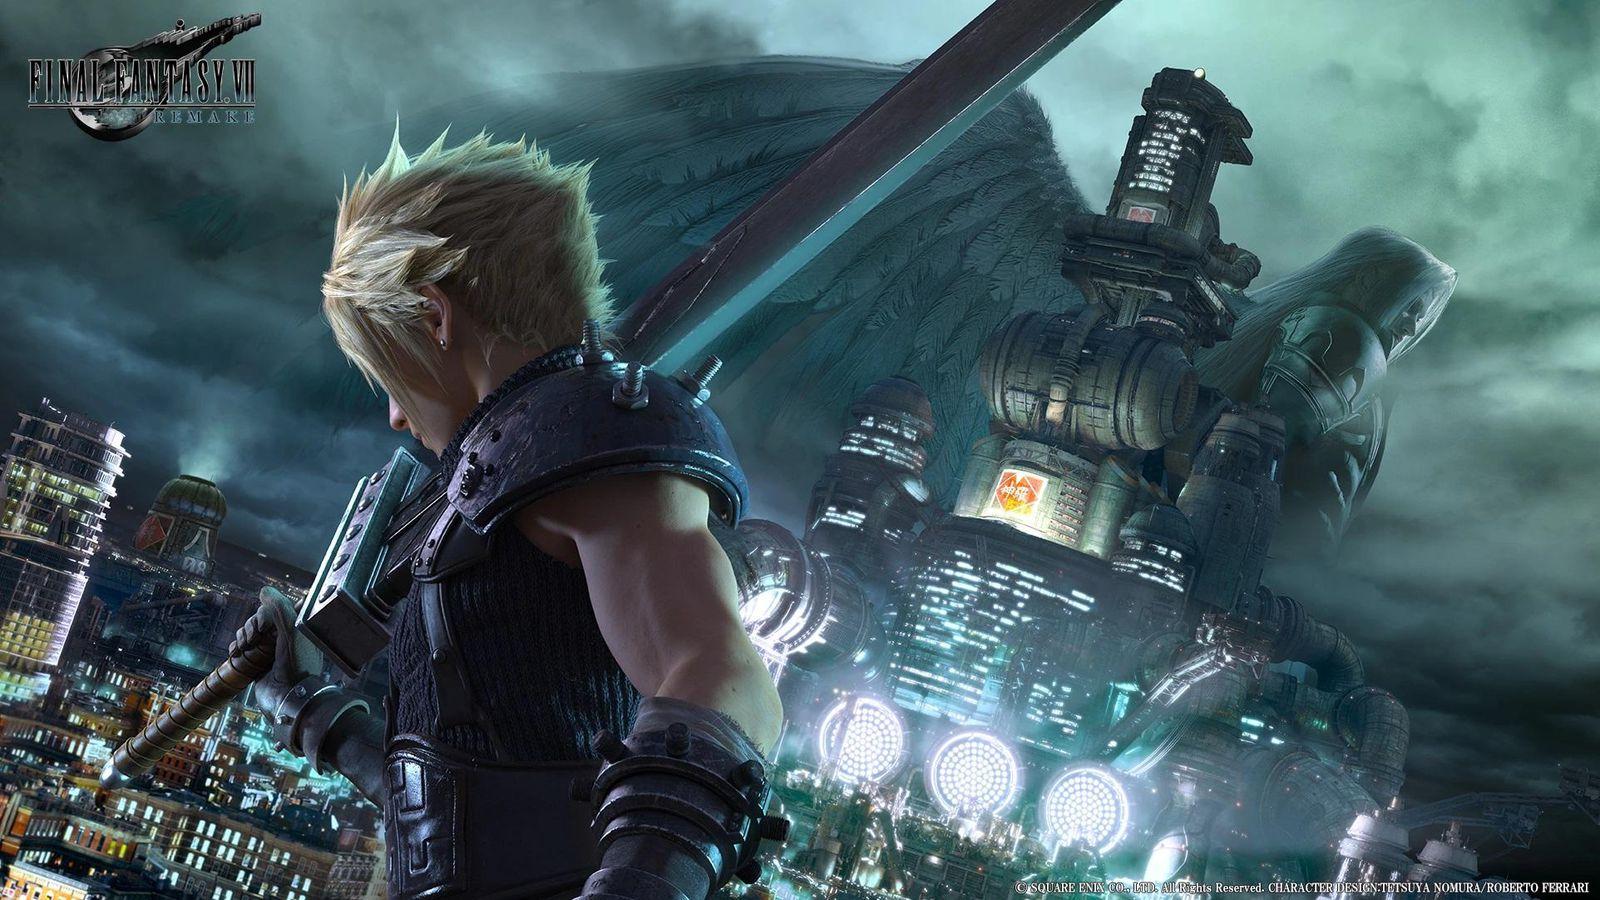 احتمالاً Final Fantasy VII Remake و Avengers در سال مالی جاری منتشر نخواهند شد